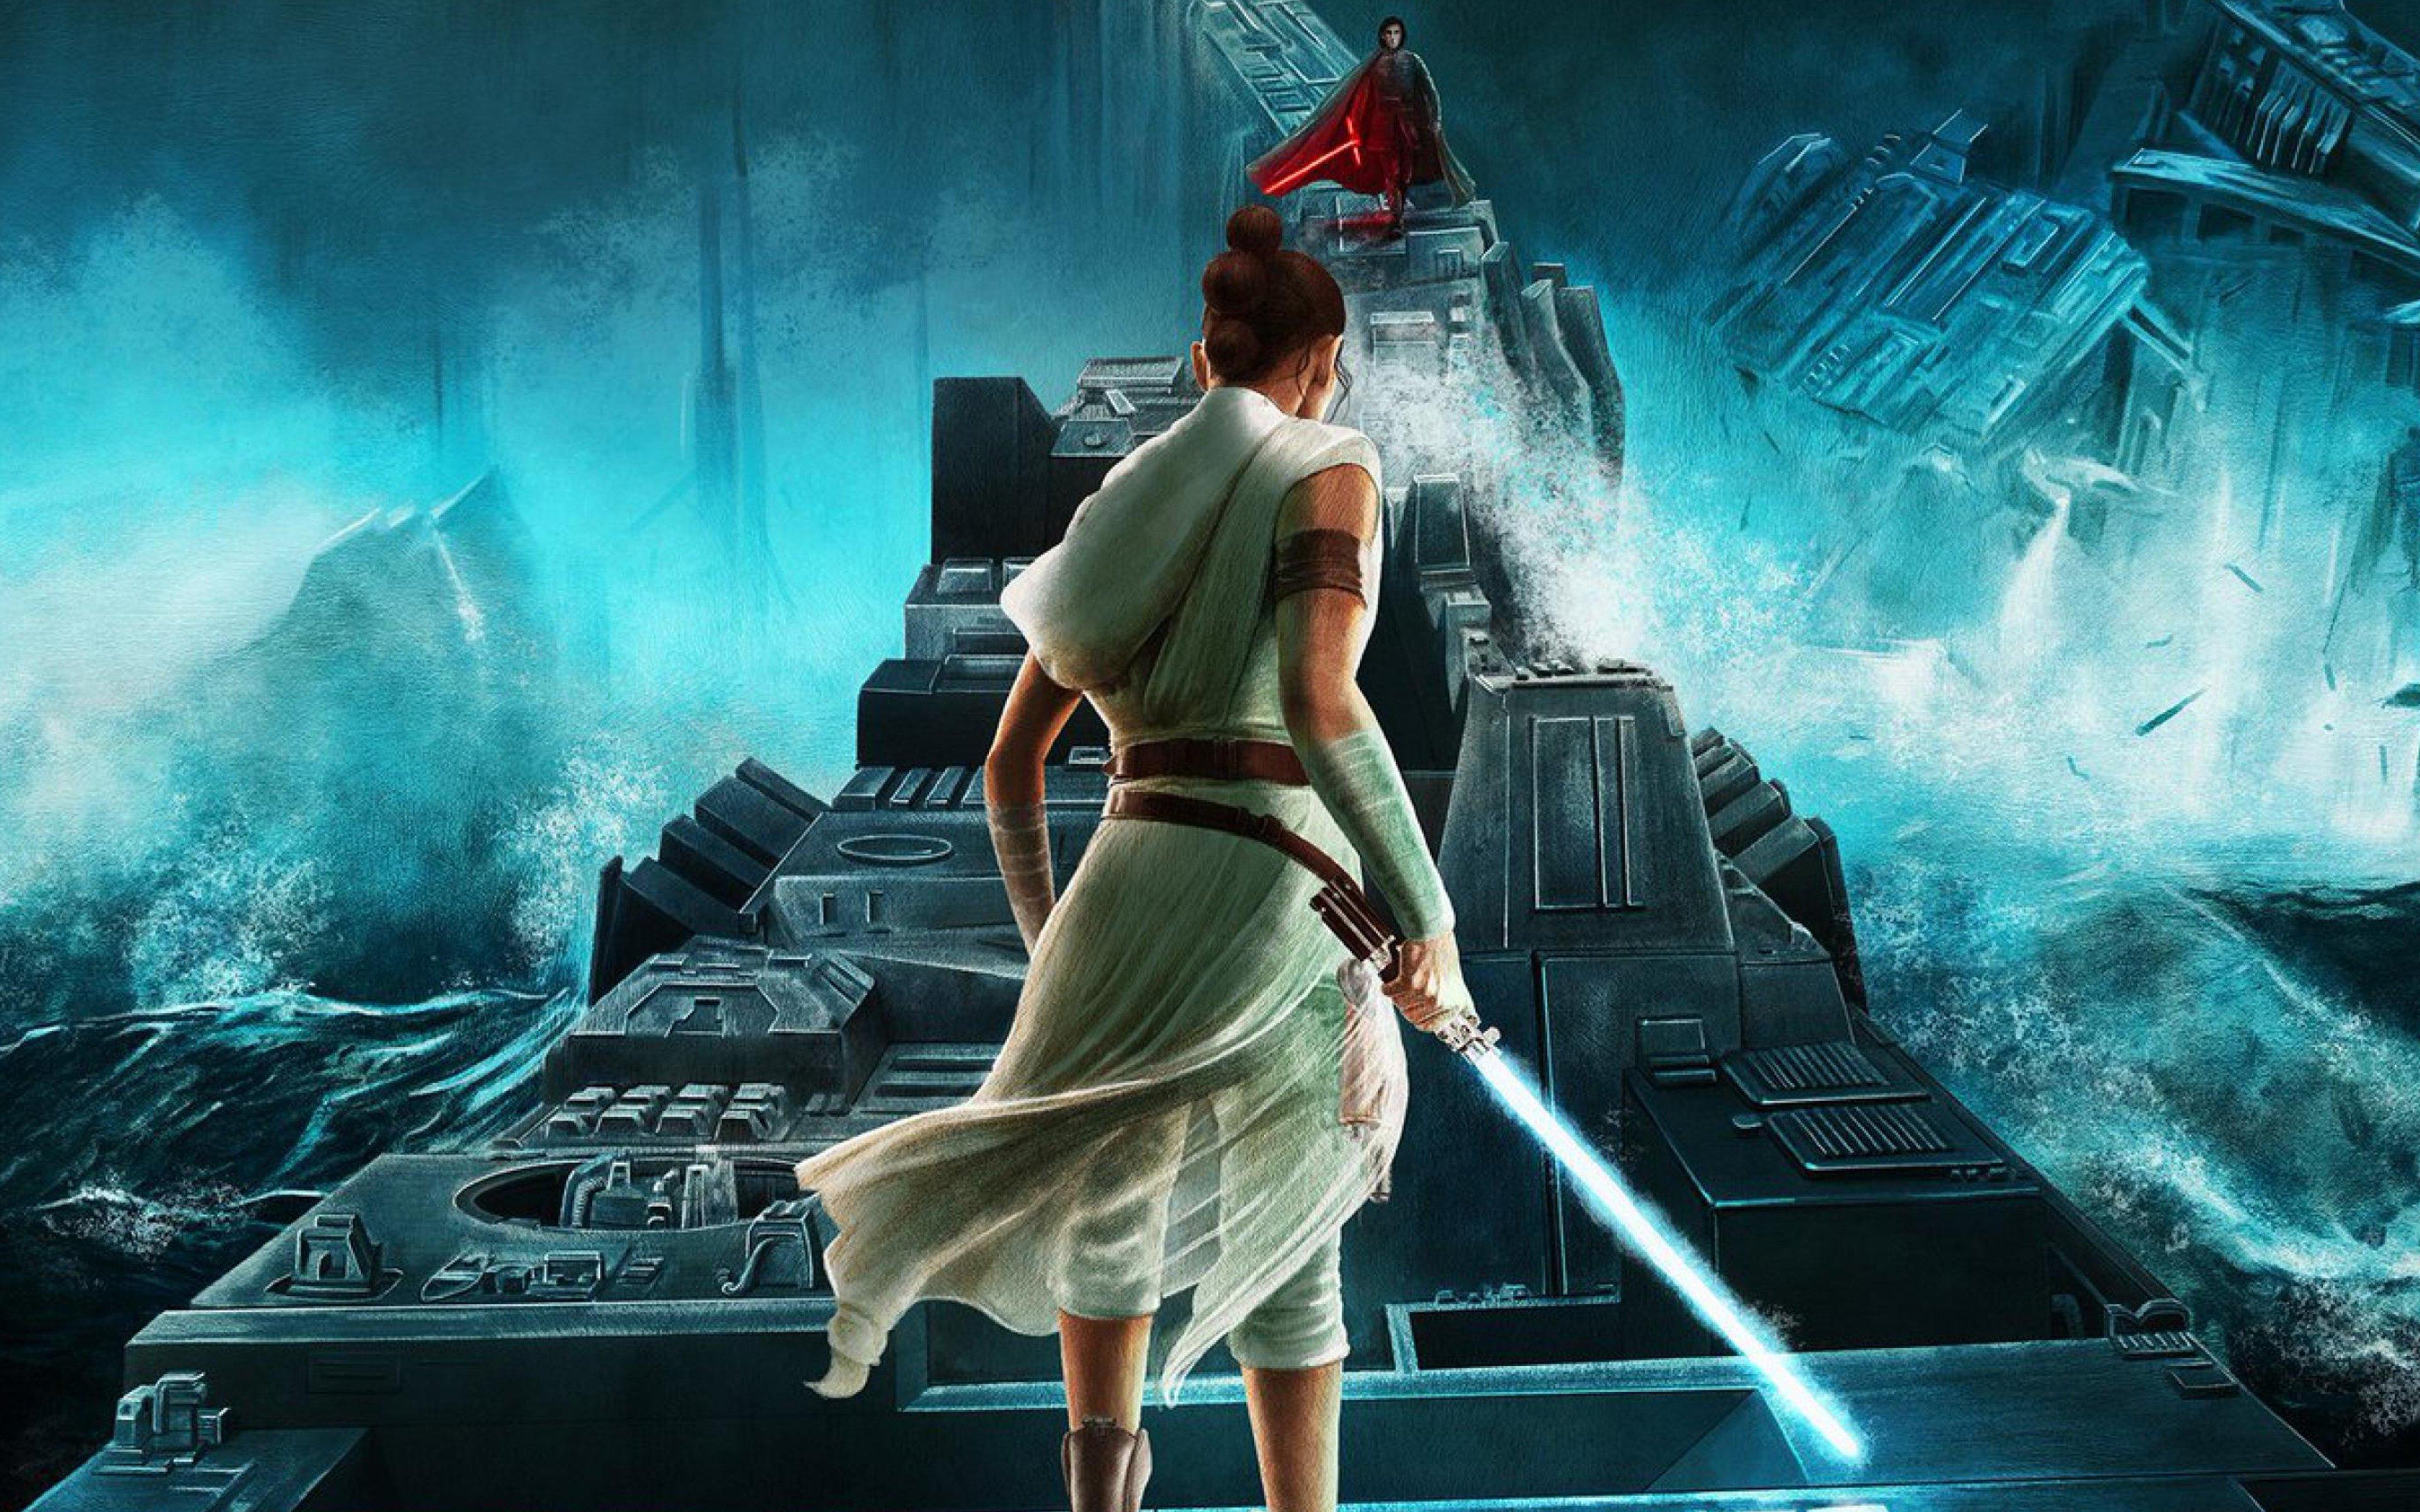 Rey From Star Wars Fanart Wallpaper 4k Ultra Hd Id4442